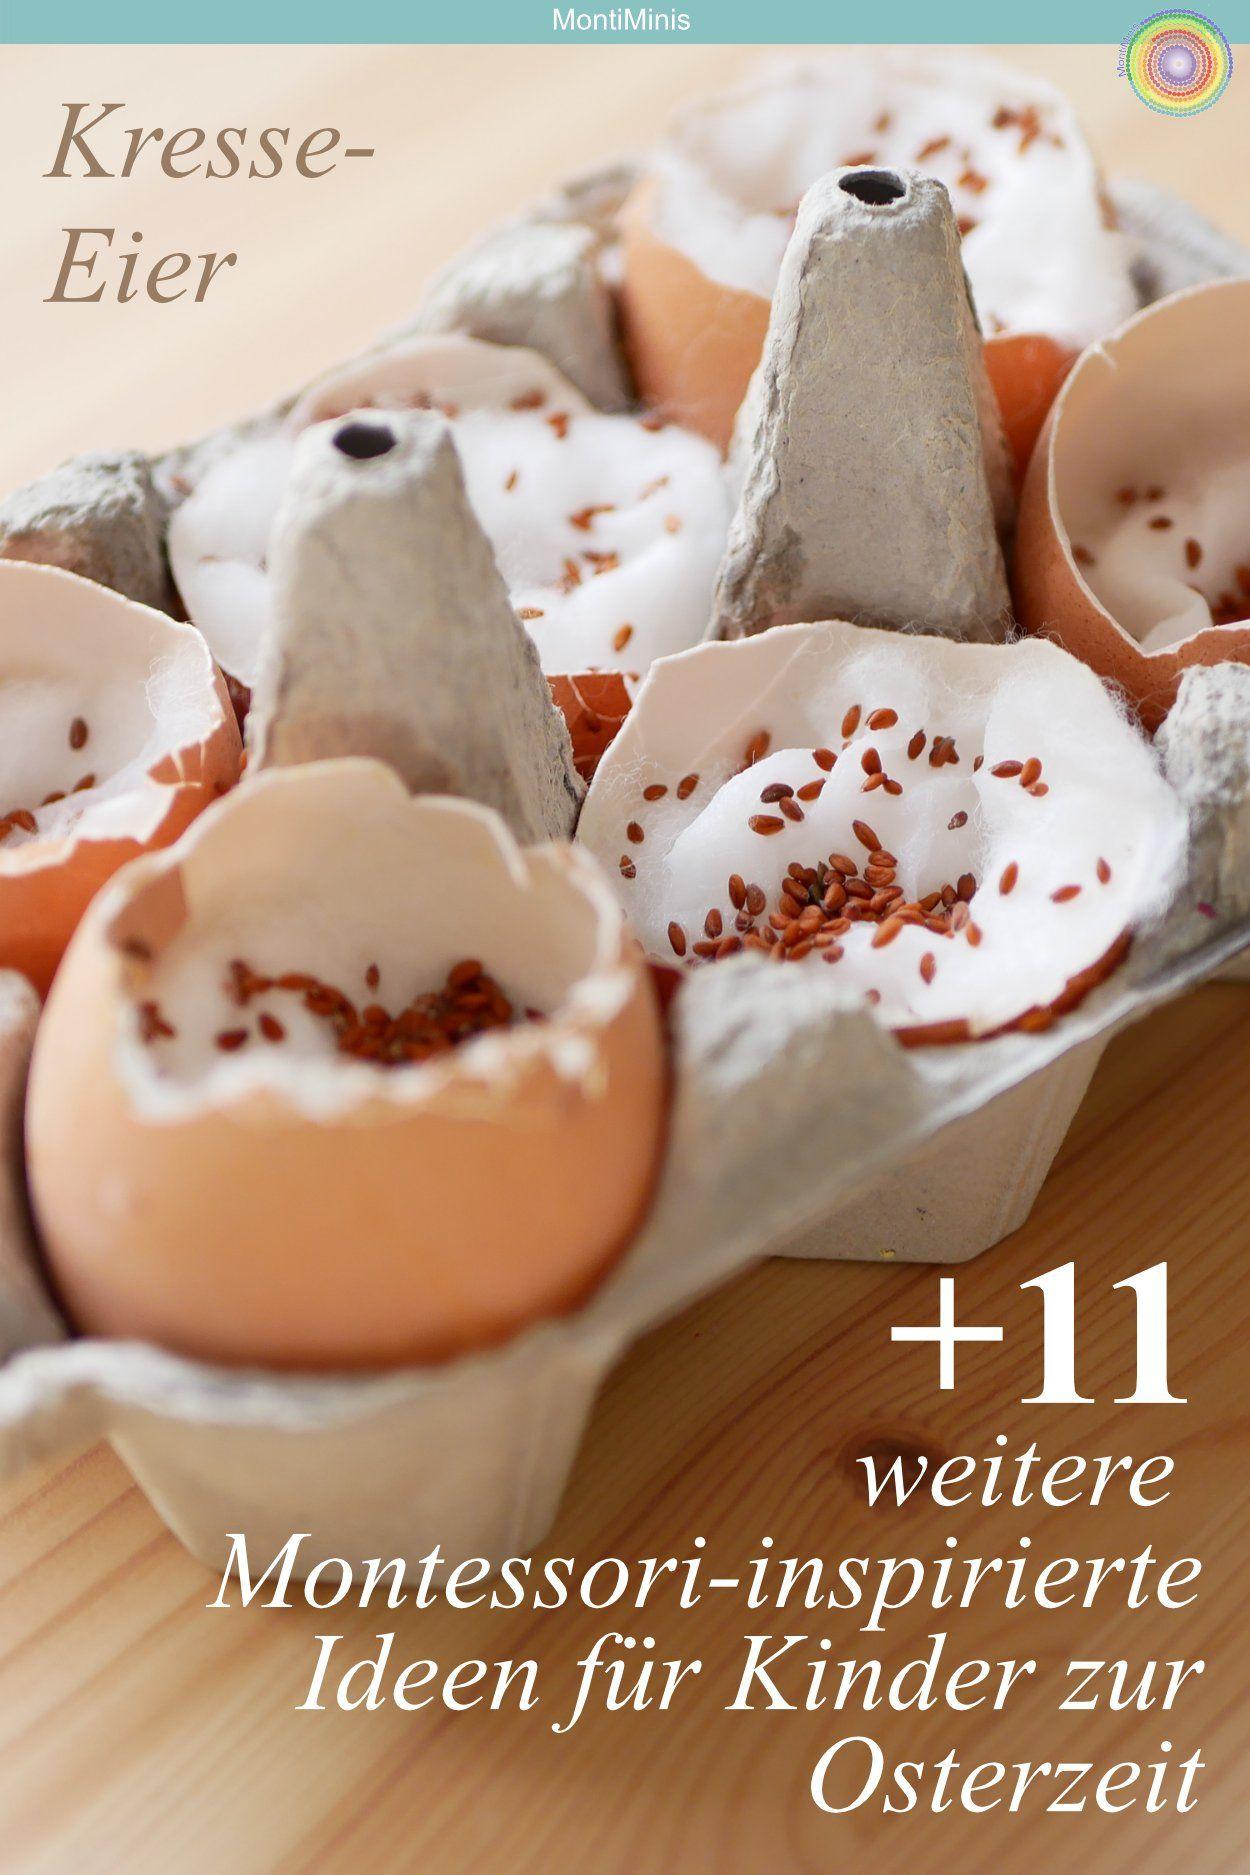 Kresse Eier + 11 weitere Montessori-inspirierte Ideen für Kinder zur Osterzeit -Spielideen zu Ostern